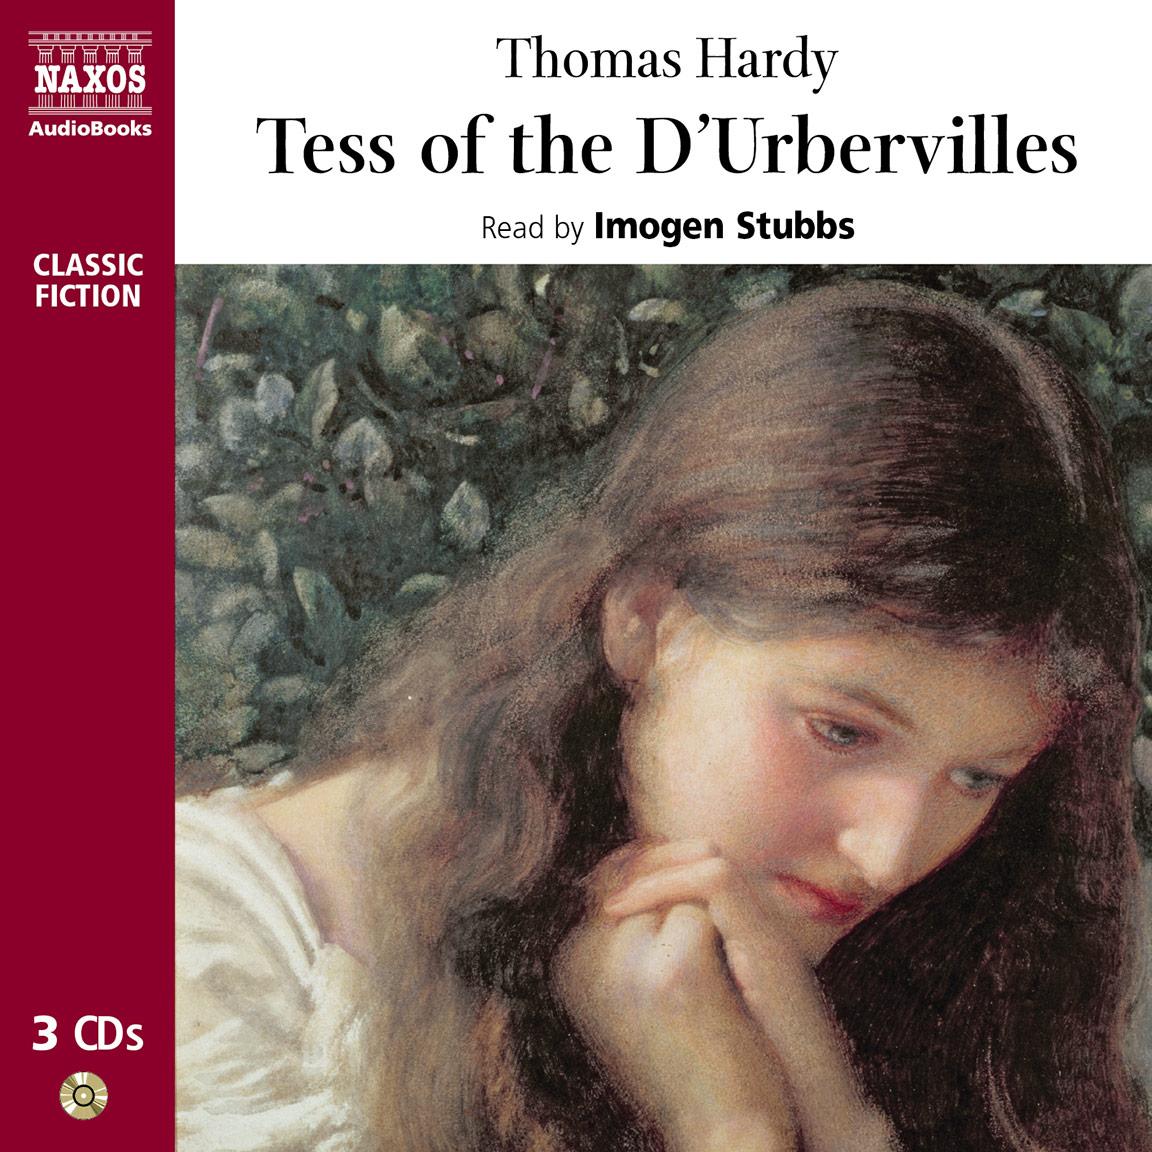 Tess of the D'Urbervilles (abridged)